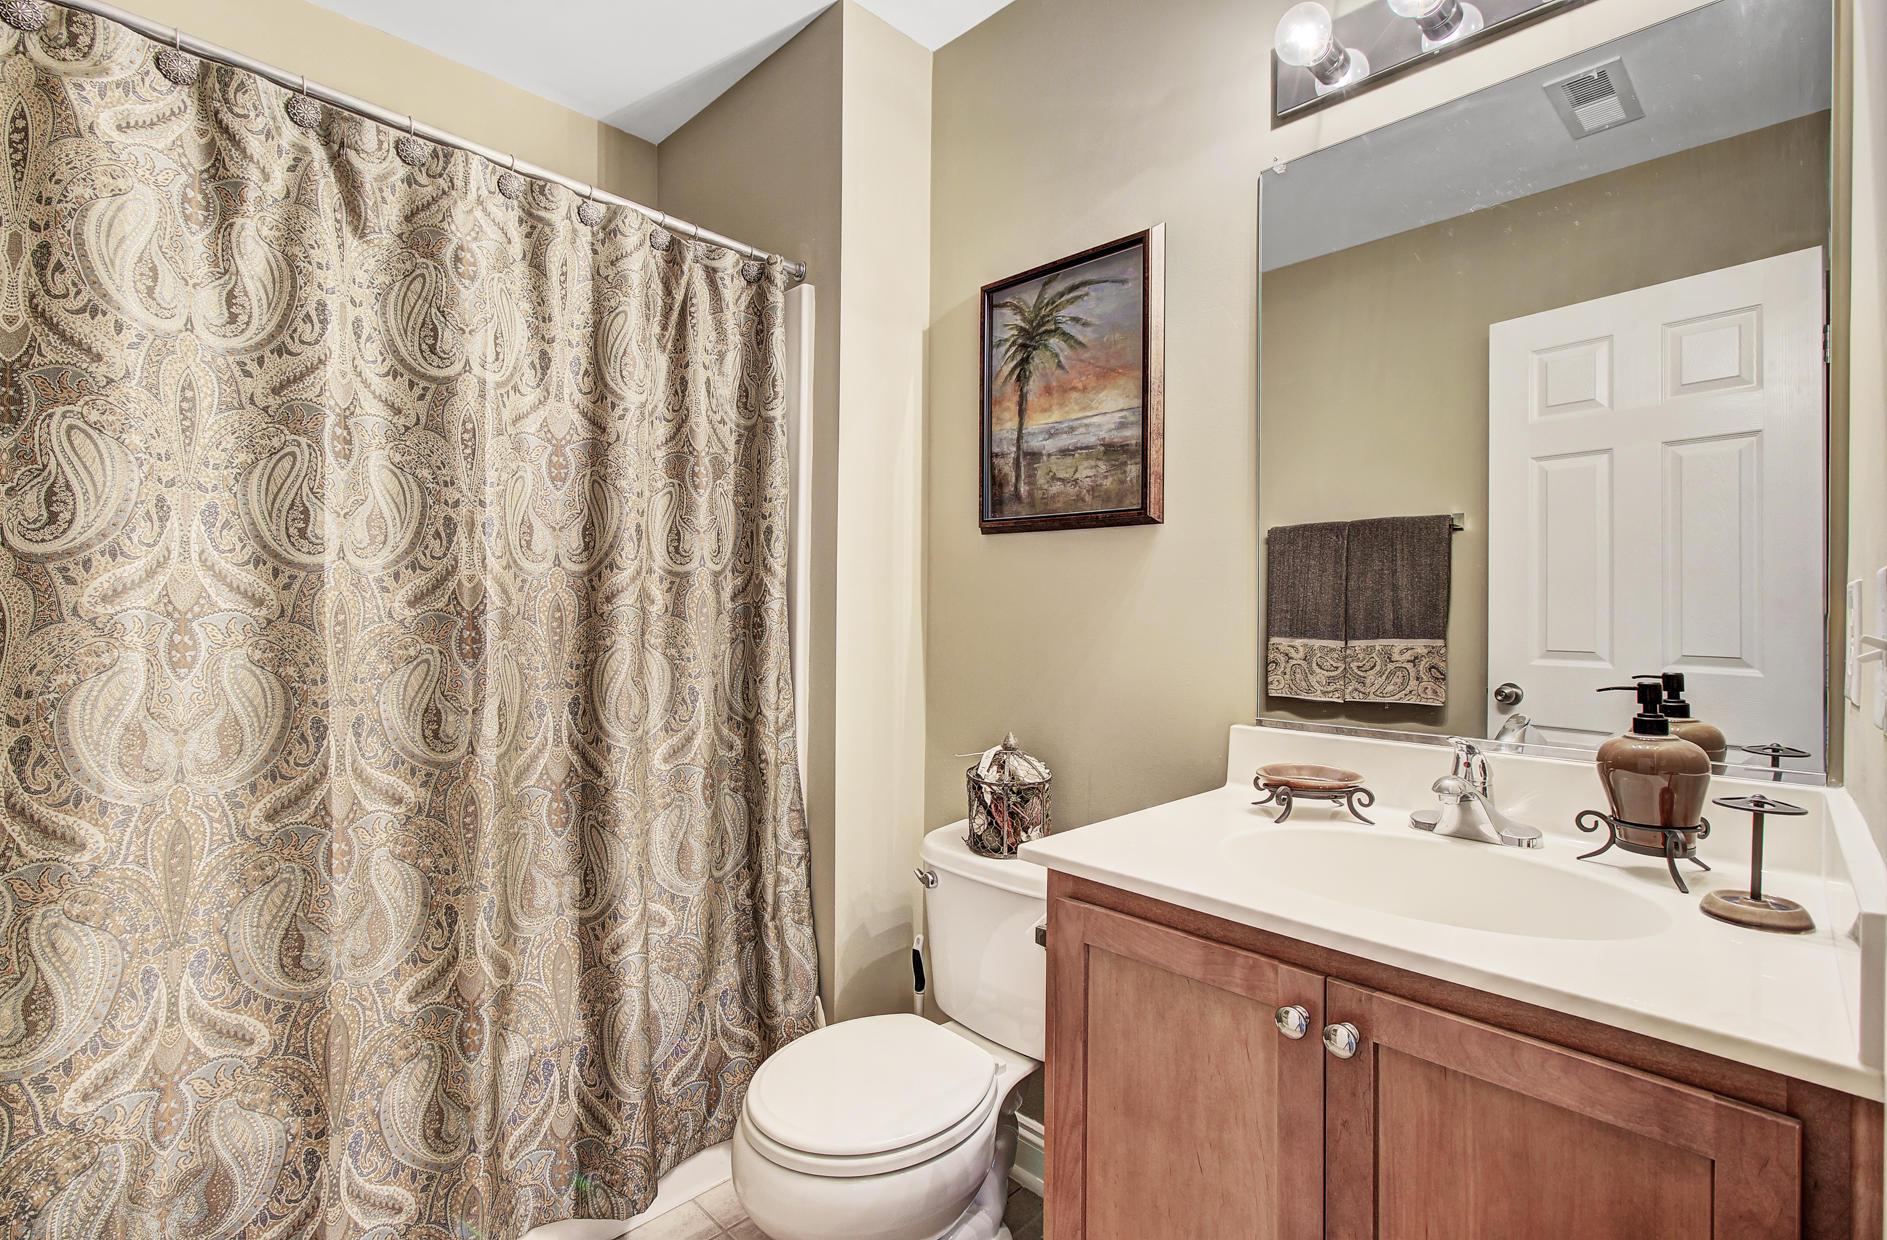 Park West Homes For Sale - 3672 Bagley, Mount Pleasant, SC - 0